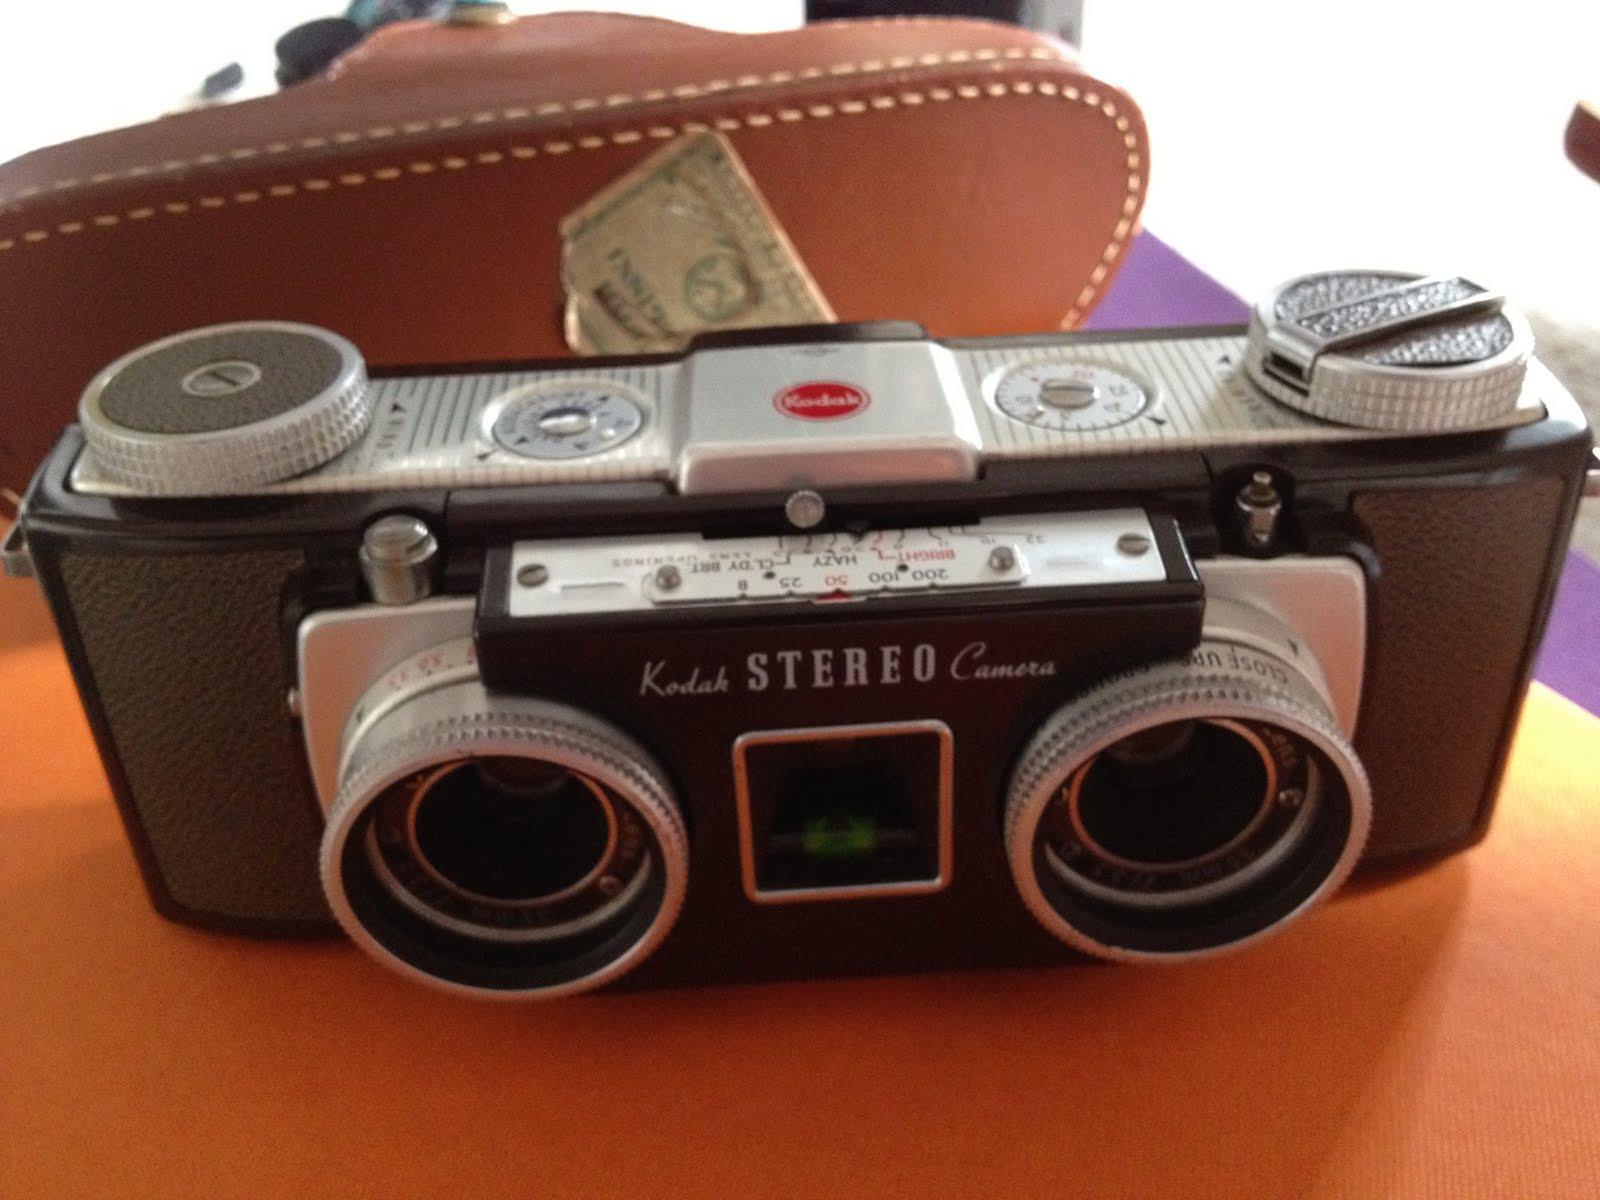 Bit Drifting Meet The Kodak Stereo Camera